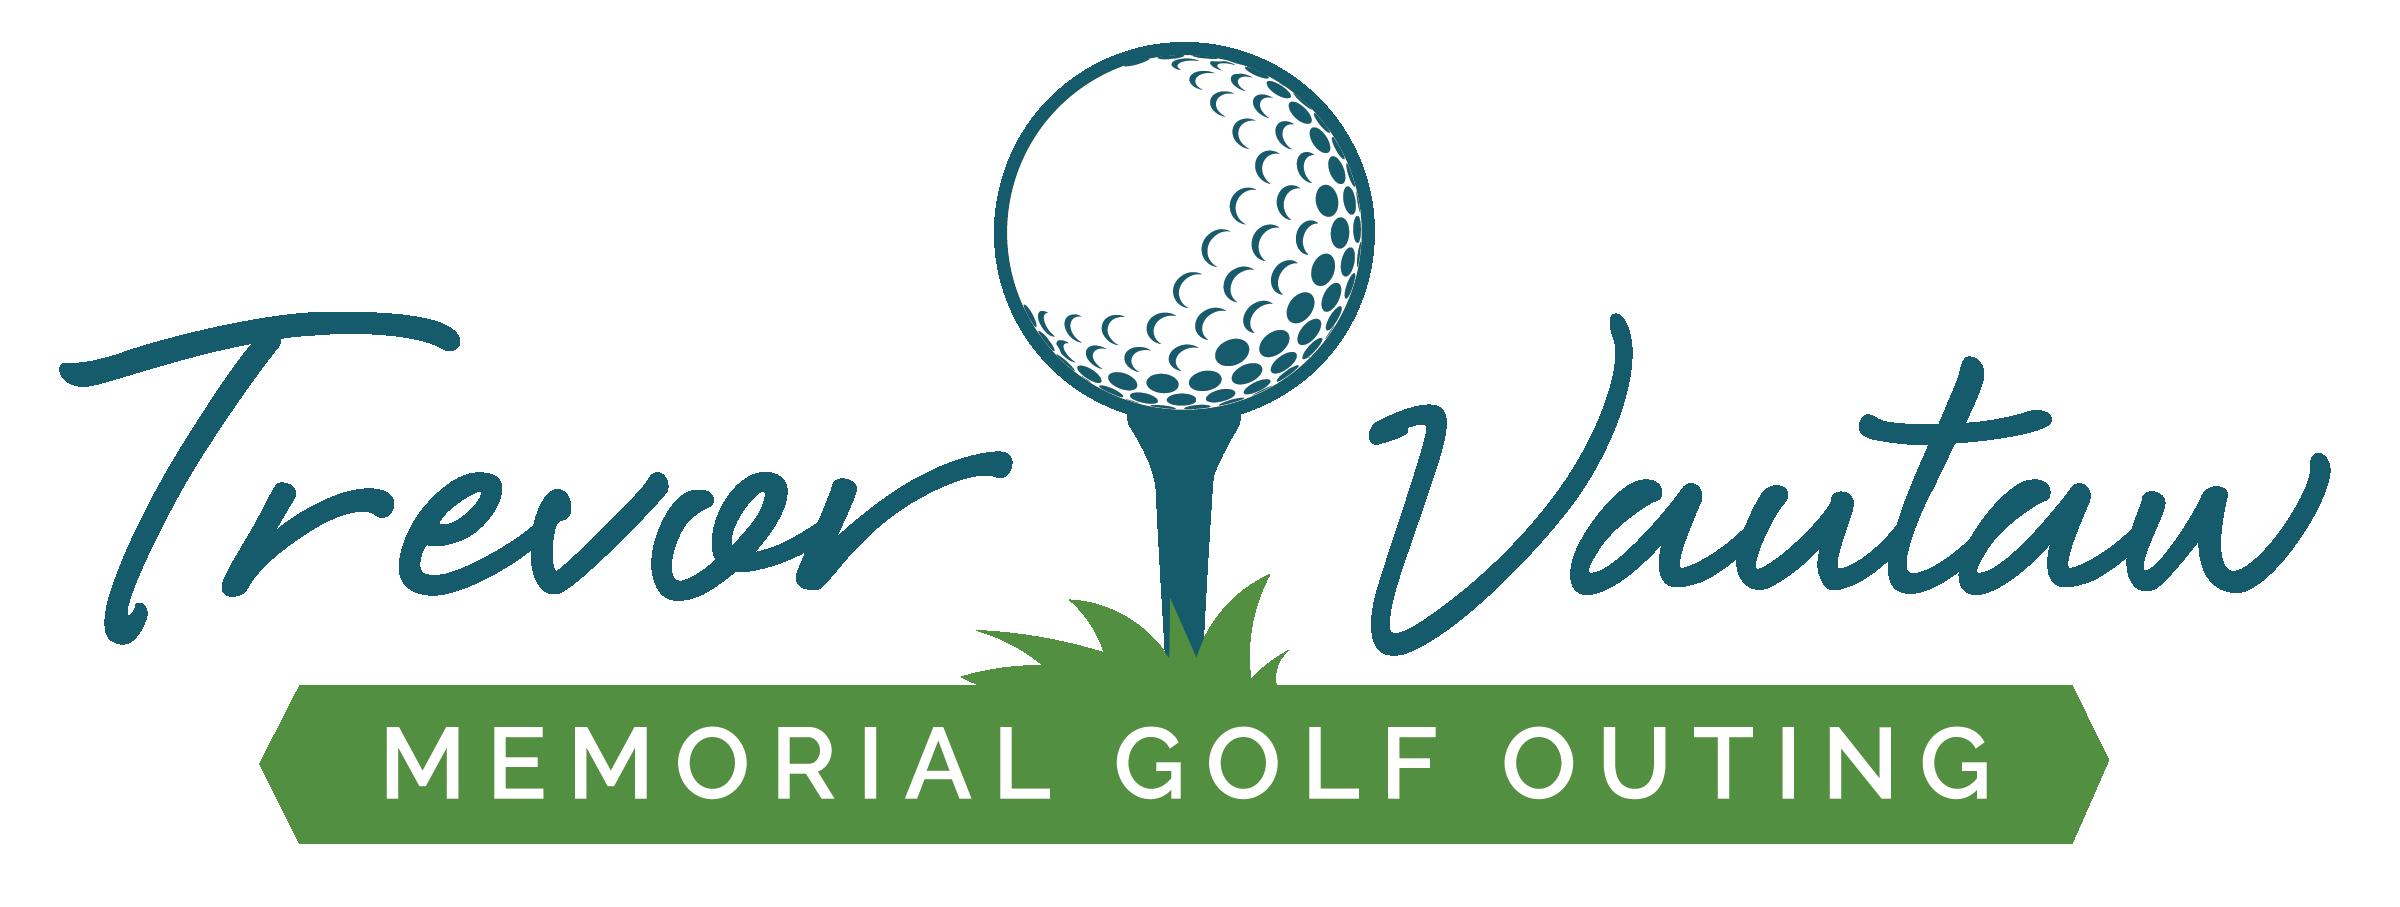 Trevor Vautaw Memorial Golf Outing logo